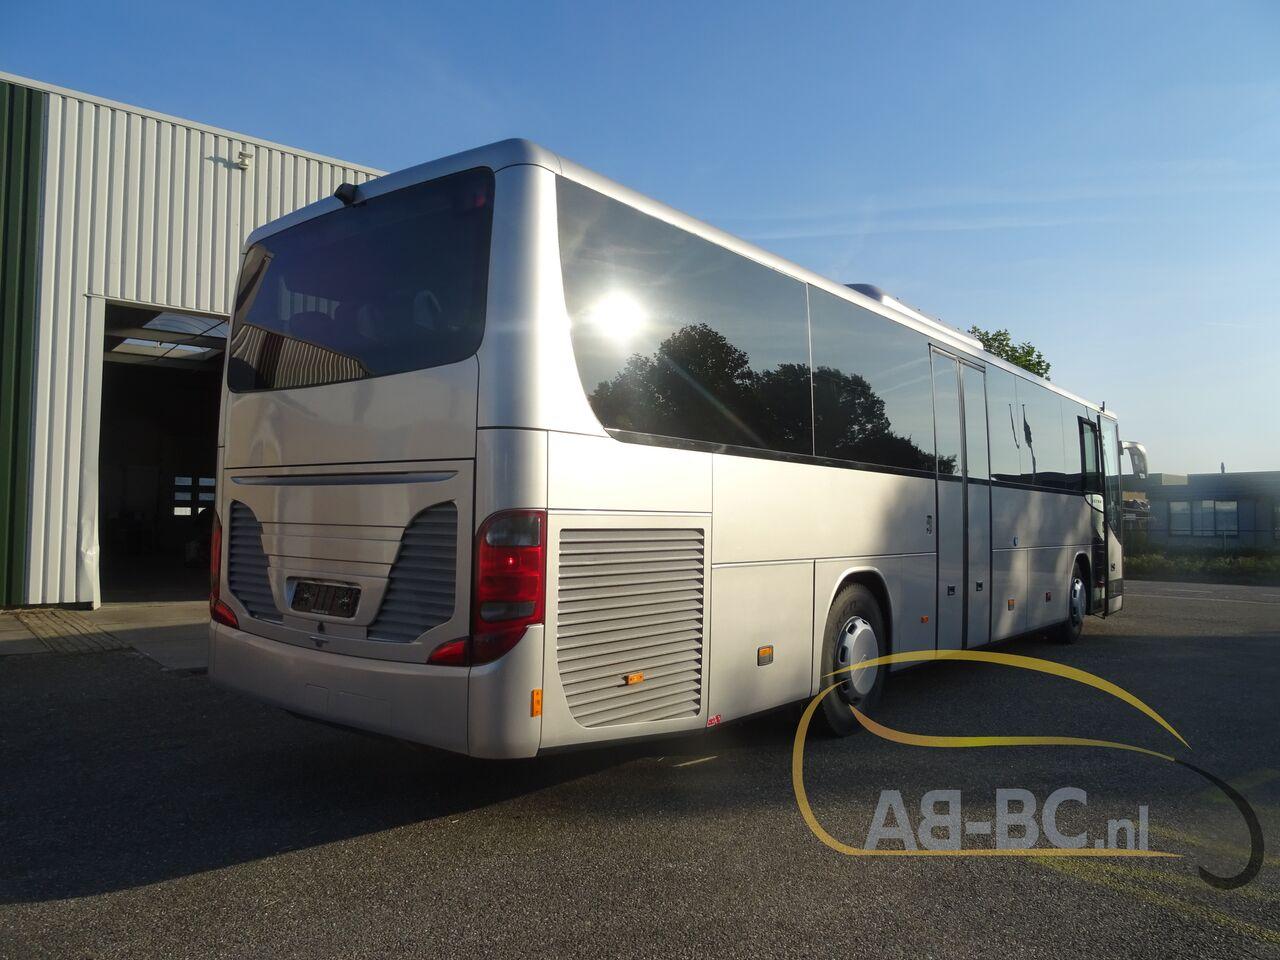 coach-bus-SETRA-S415H-52-Seats-EURO-6-Liftbus---1630913205011192213_big_7944d4f436cea3c5f33a3dd99b46a4b5--21070517141280735500